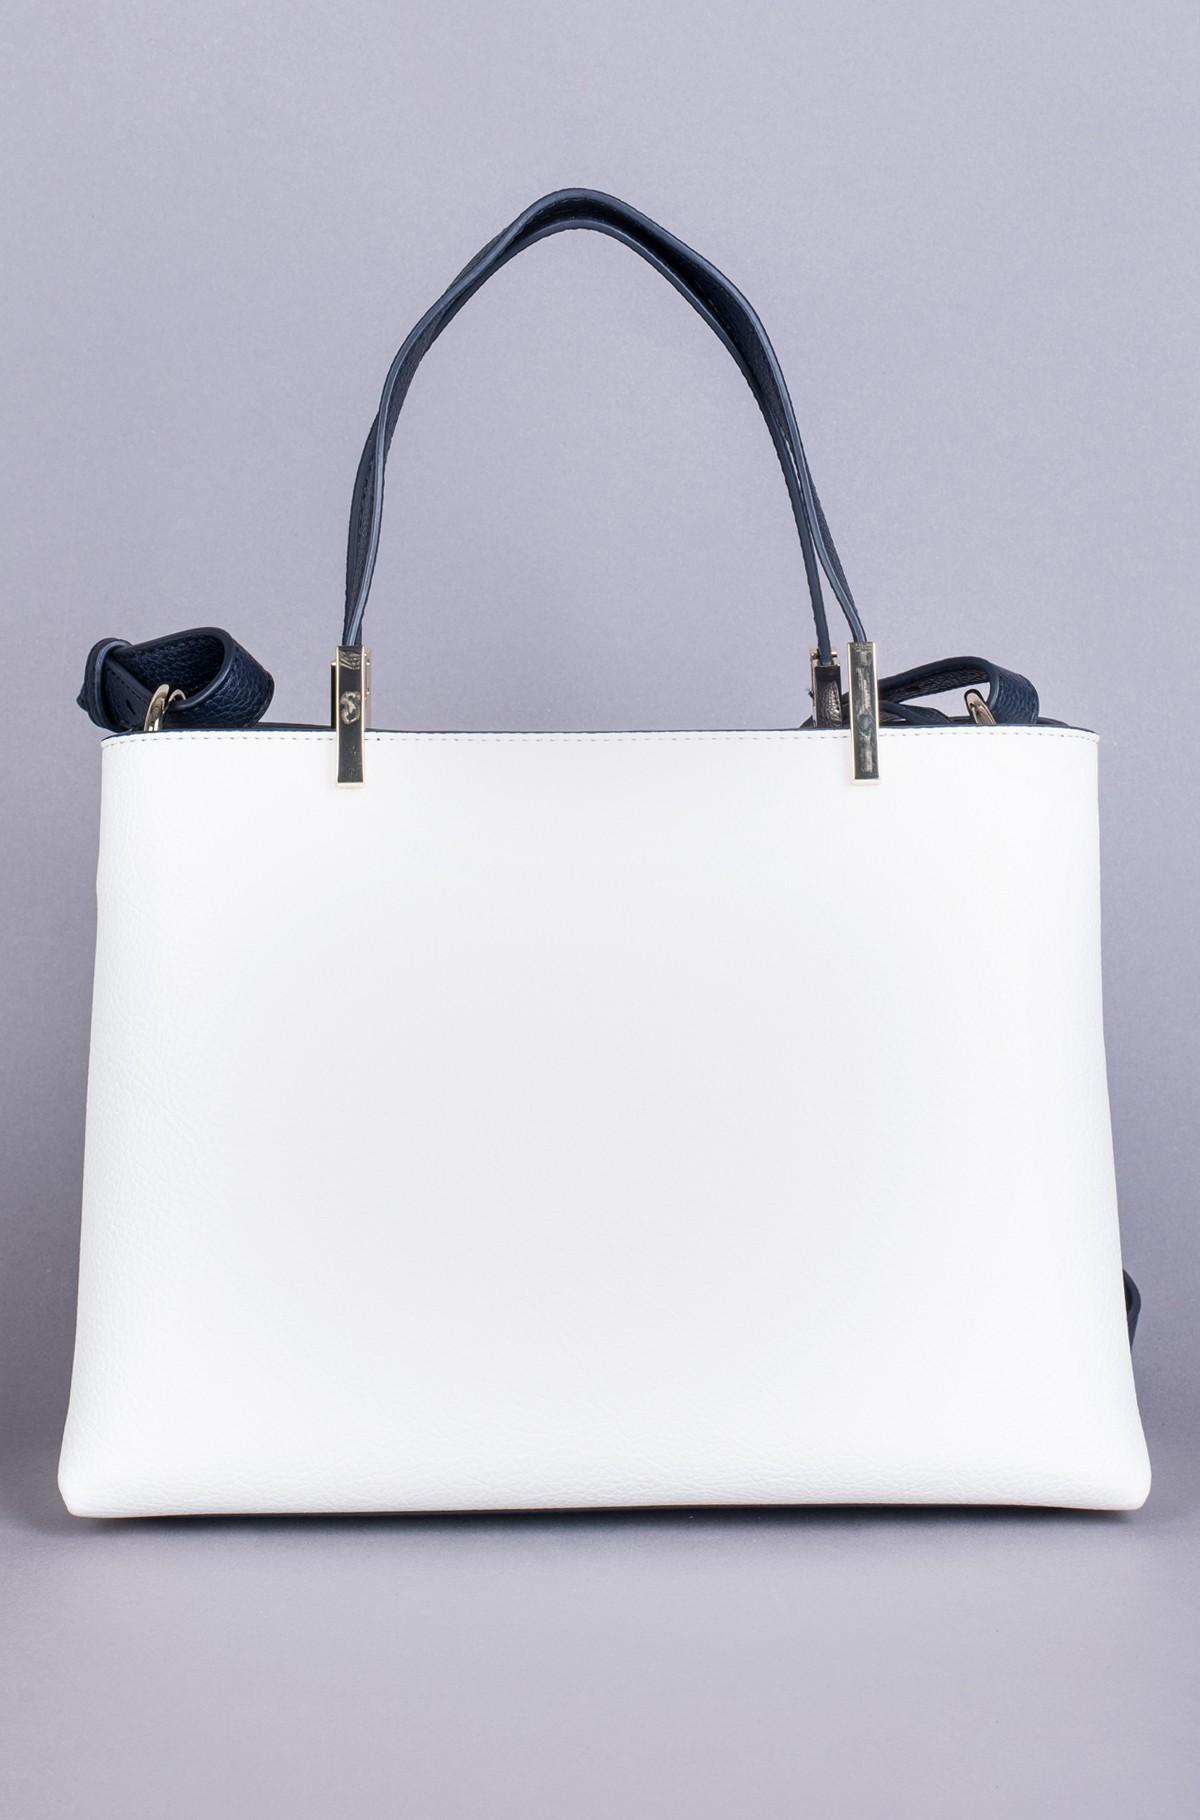 Handbag TH CORE MED SATCHEL CORP-full-2